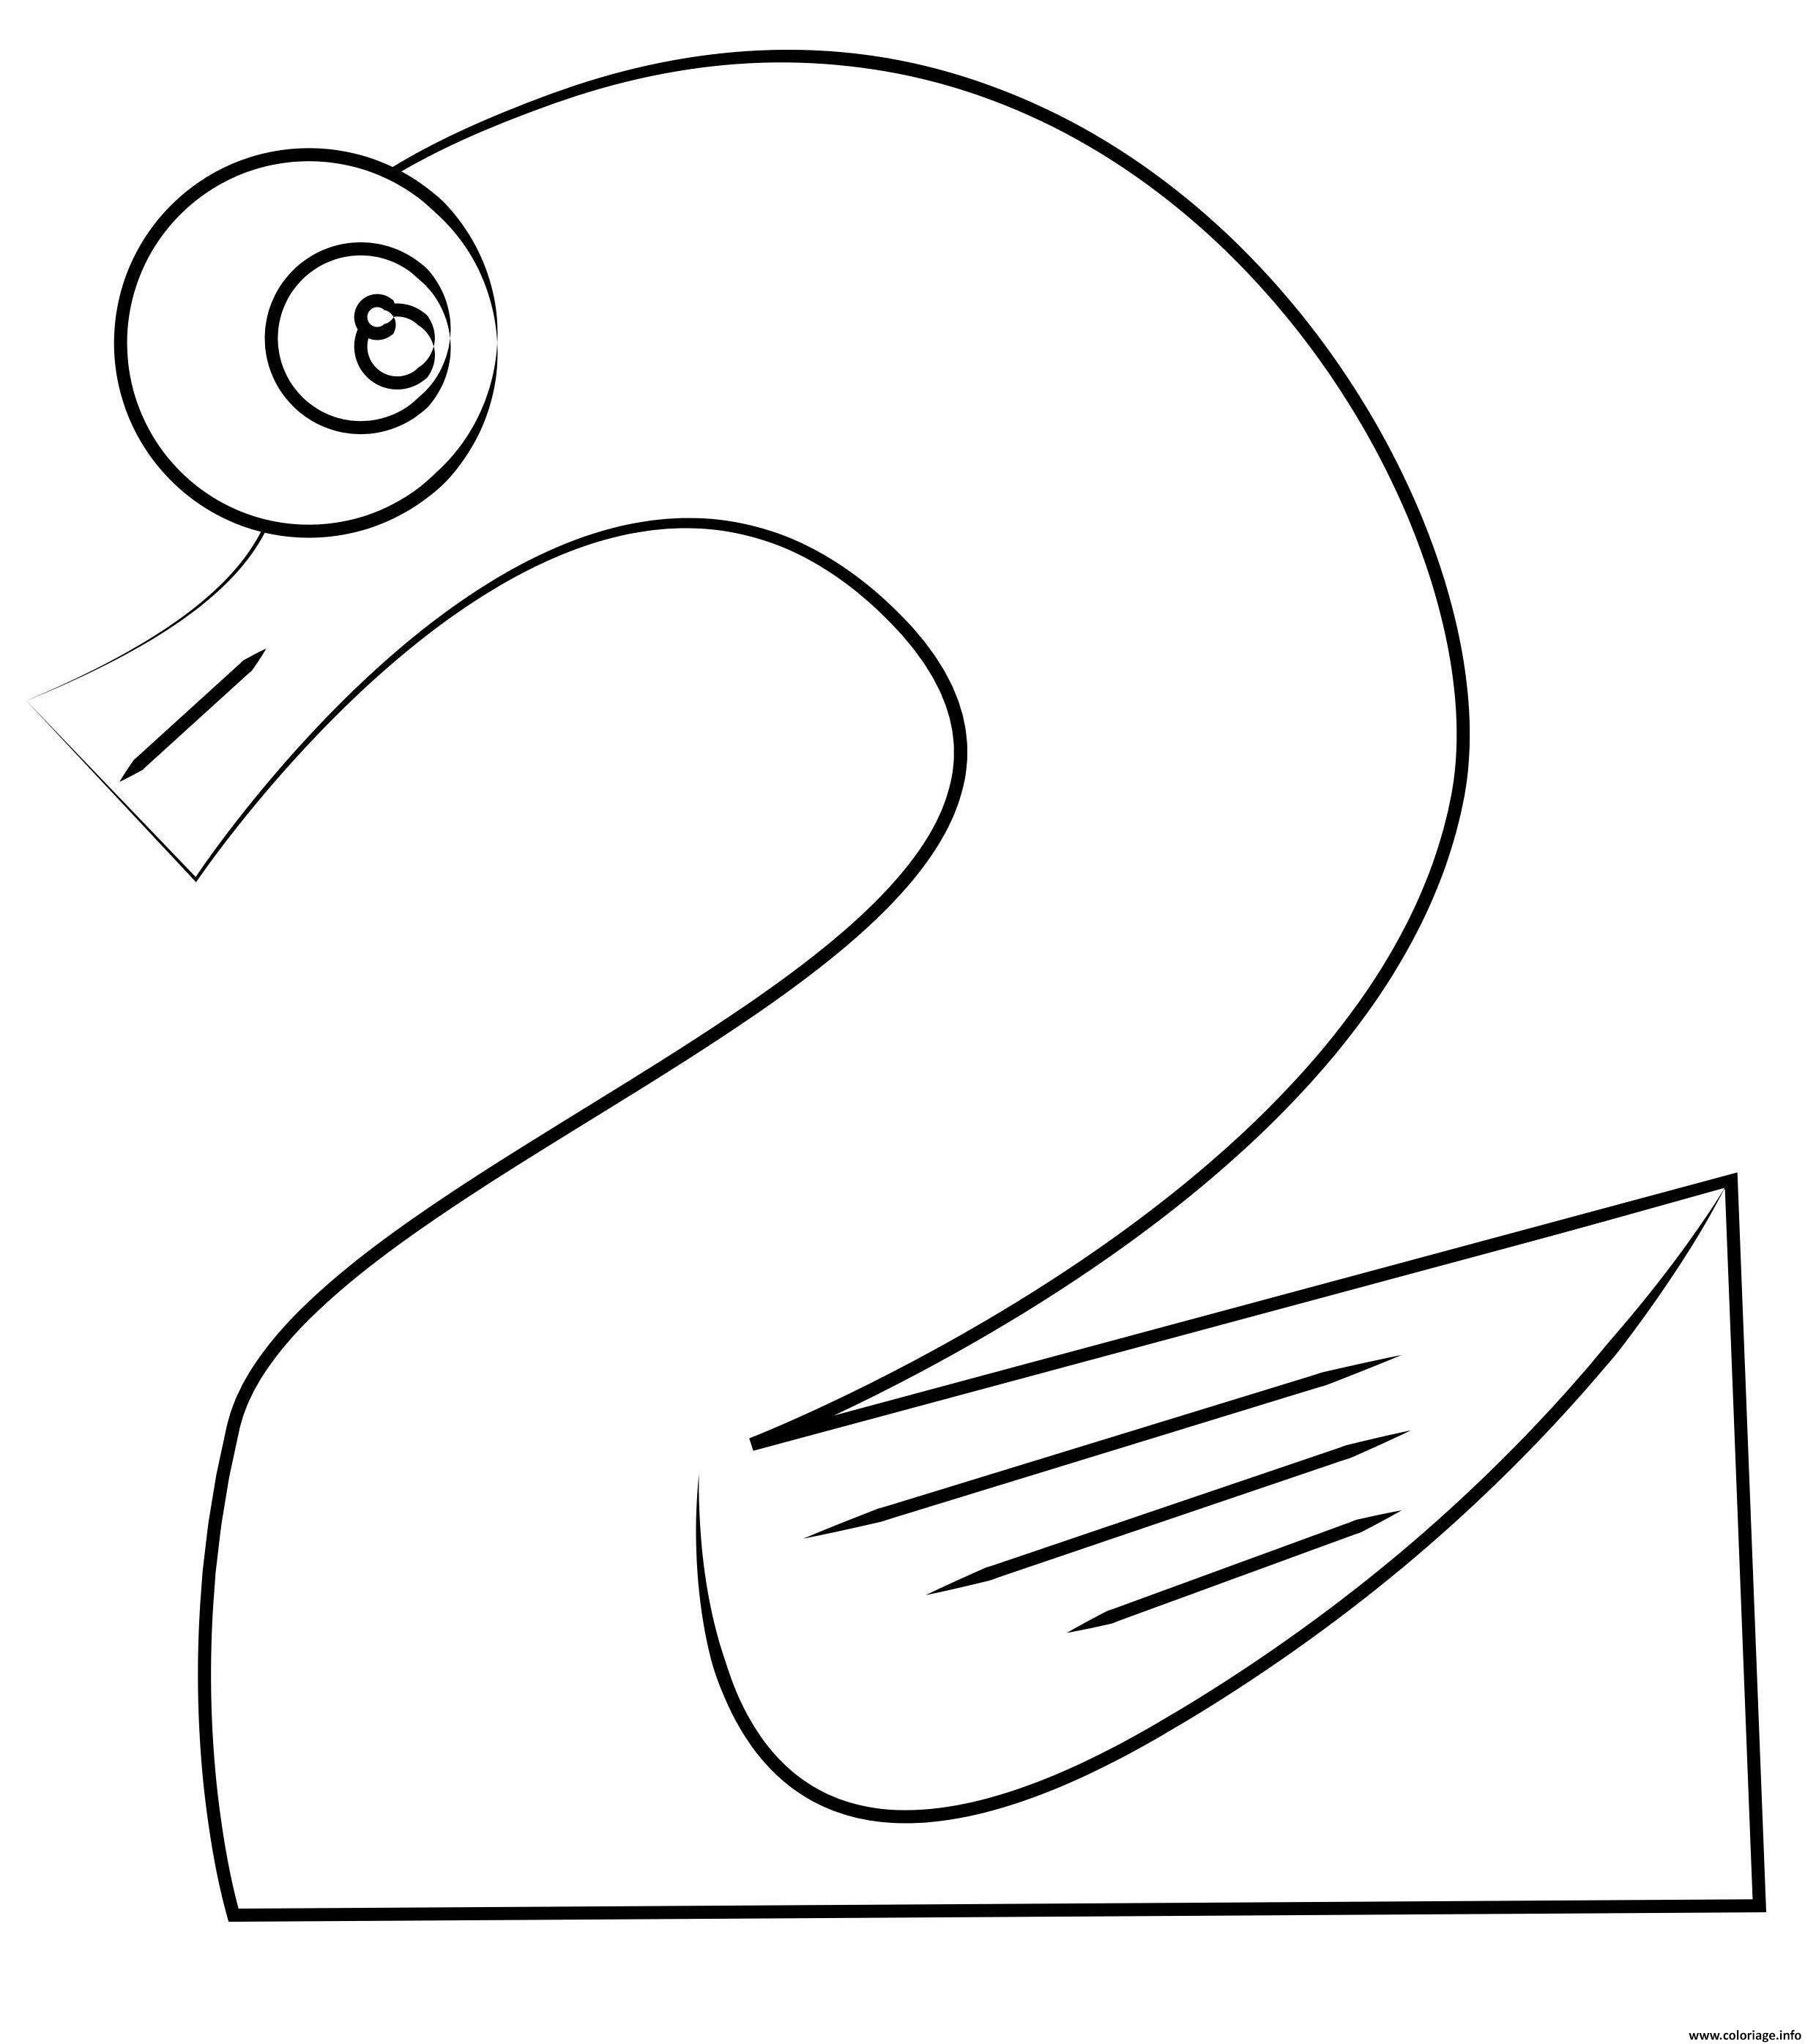 Dessin chiffre 2 maternelle Coloriage Gratuit à Imprimer